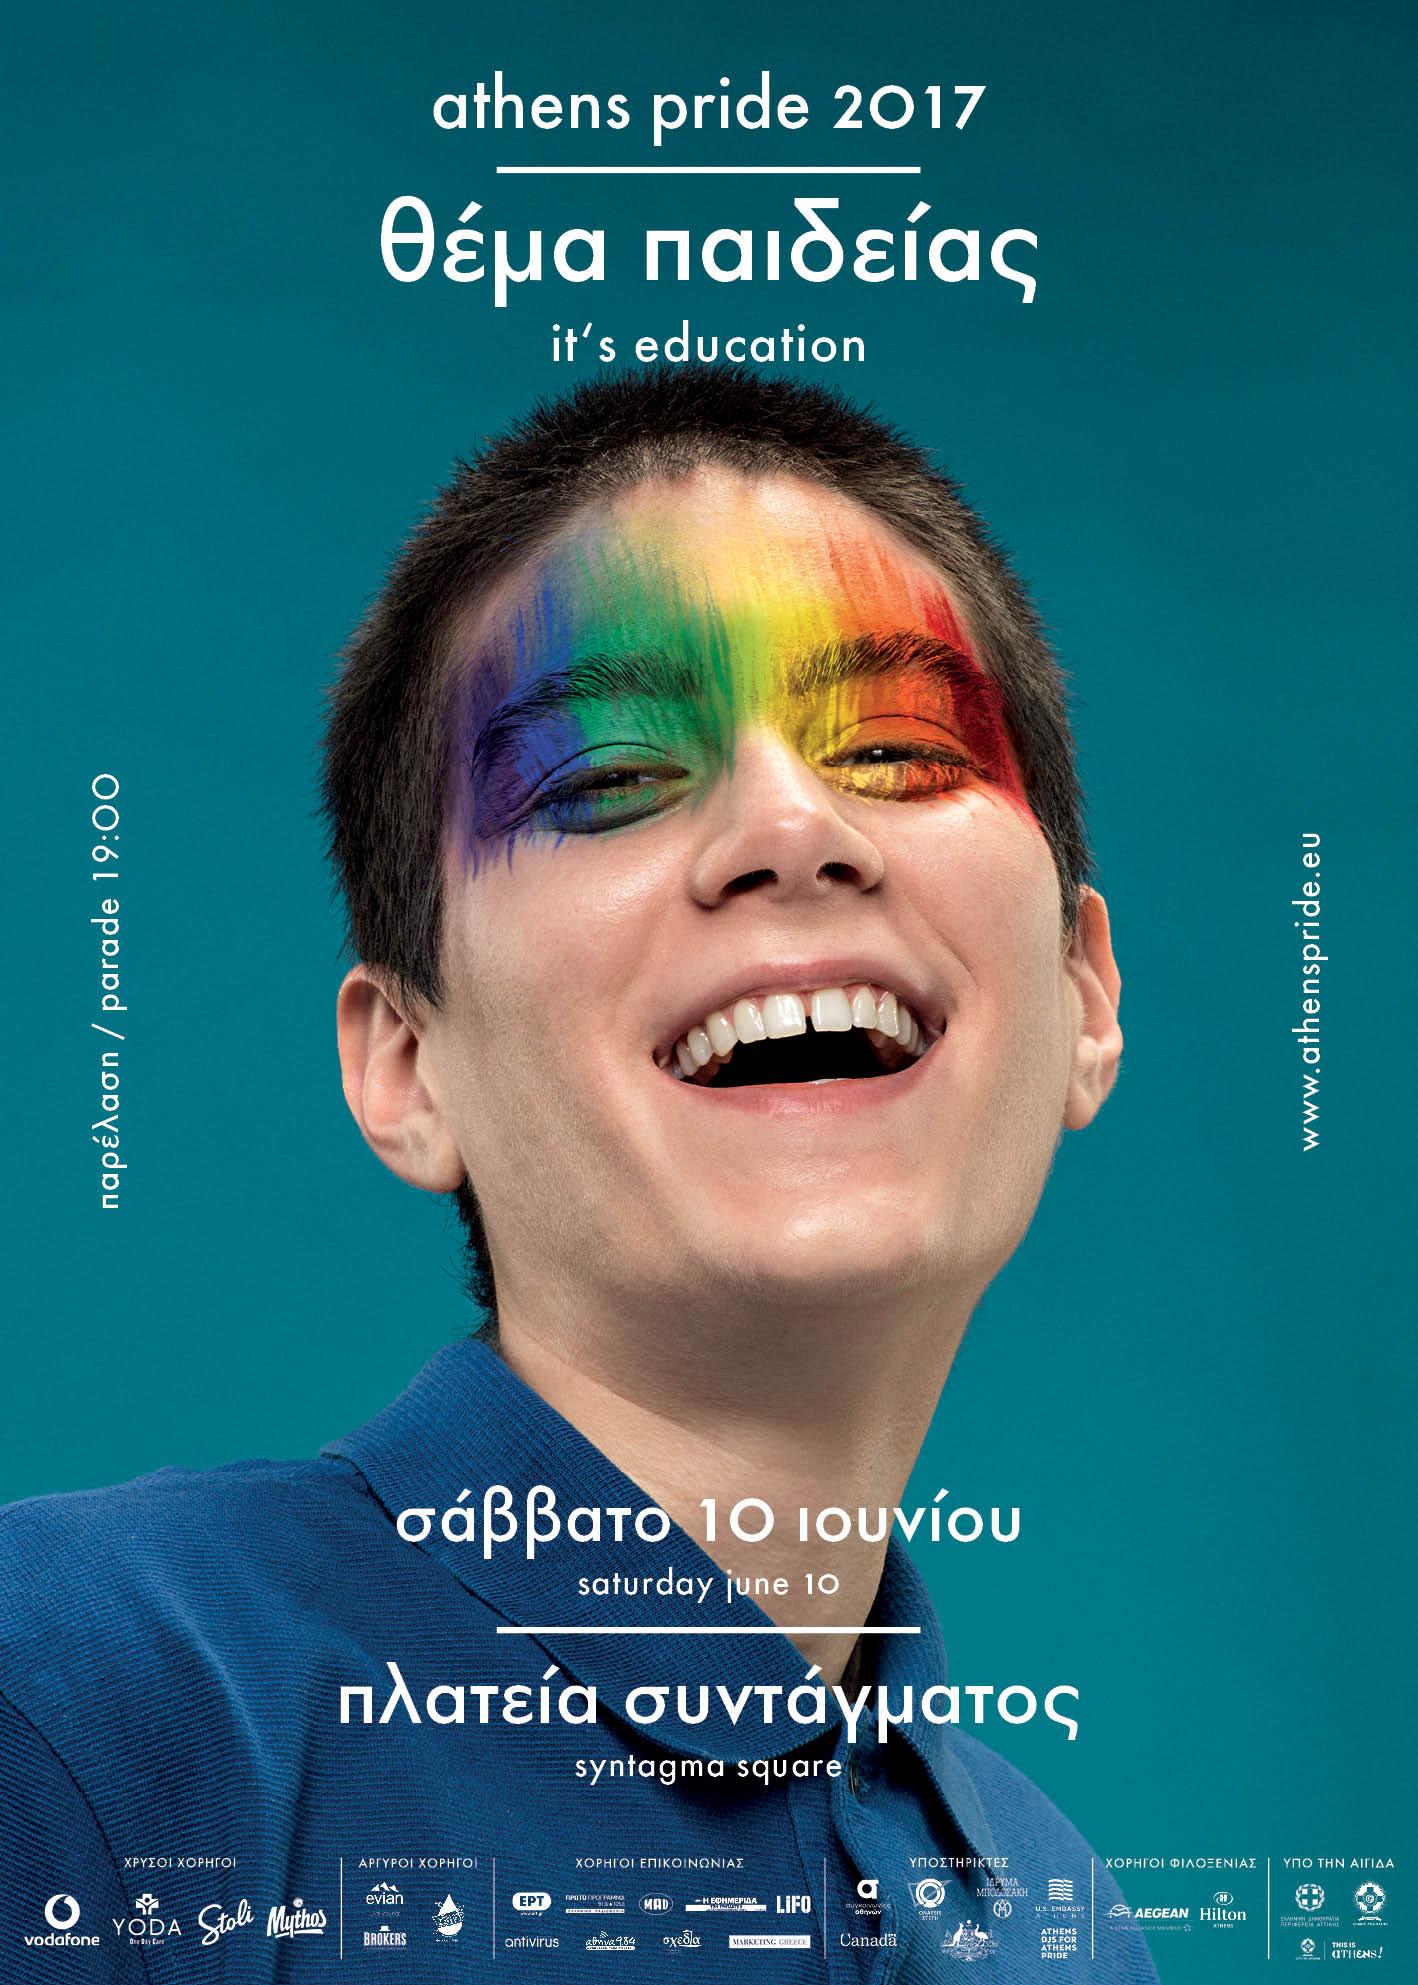 Η αφίσα του Pride για το έτος 2017